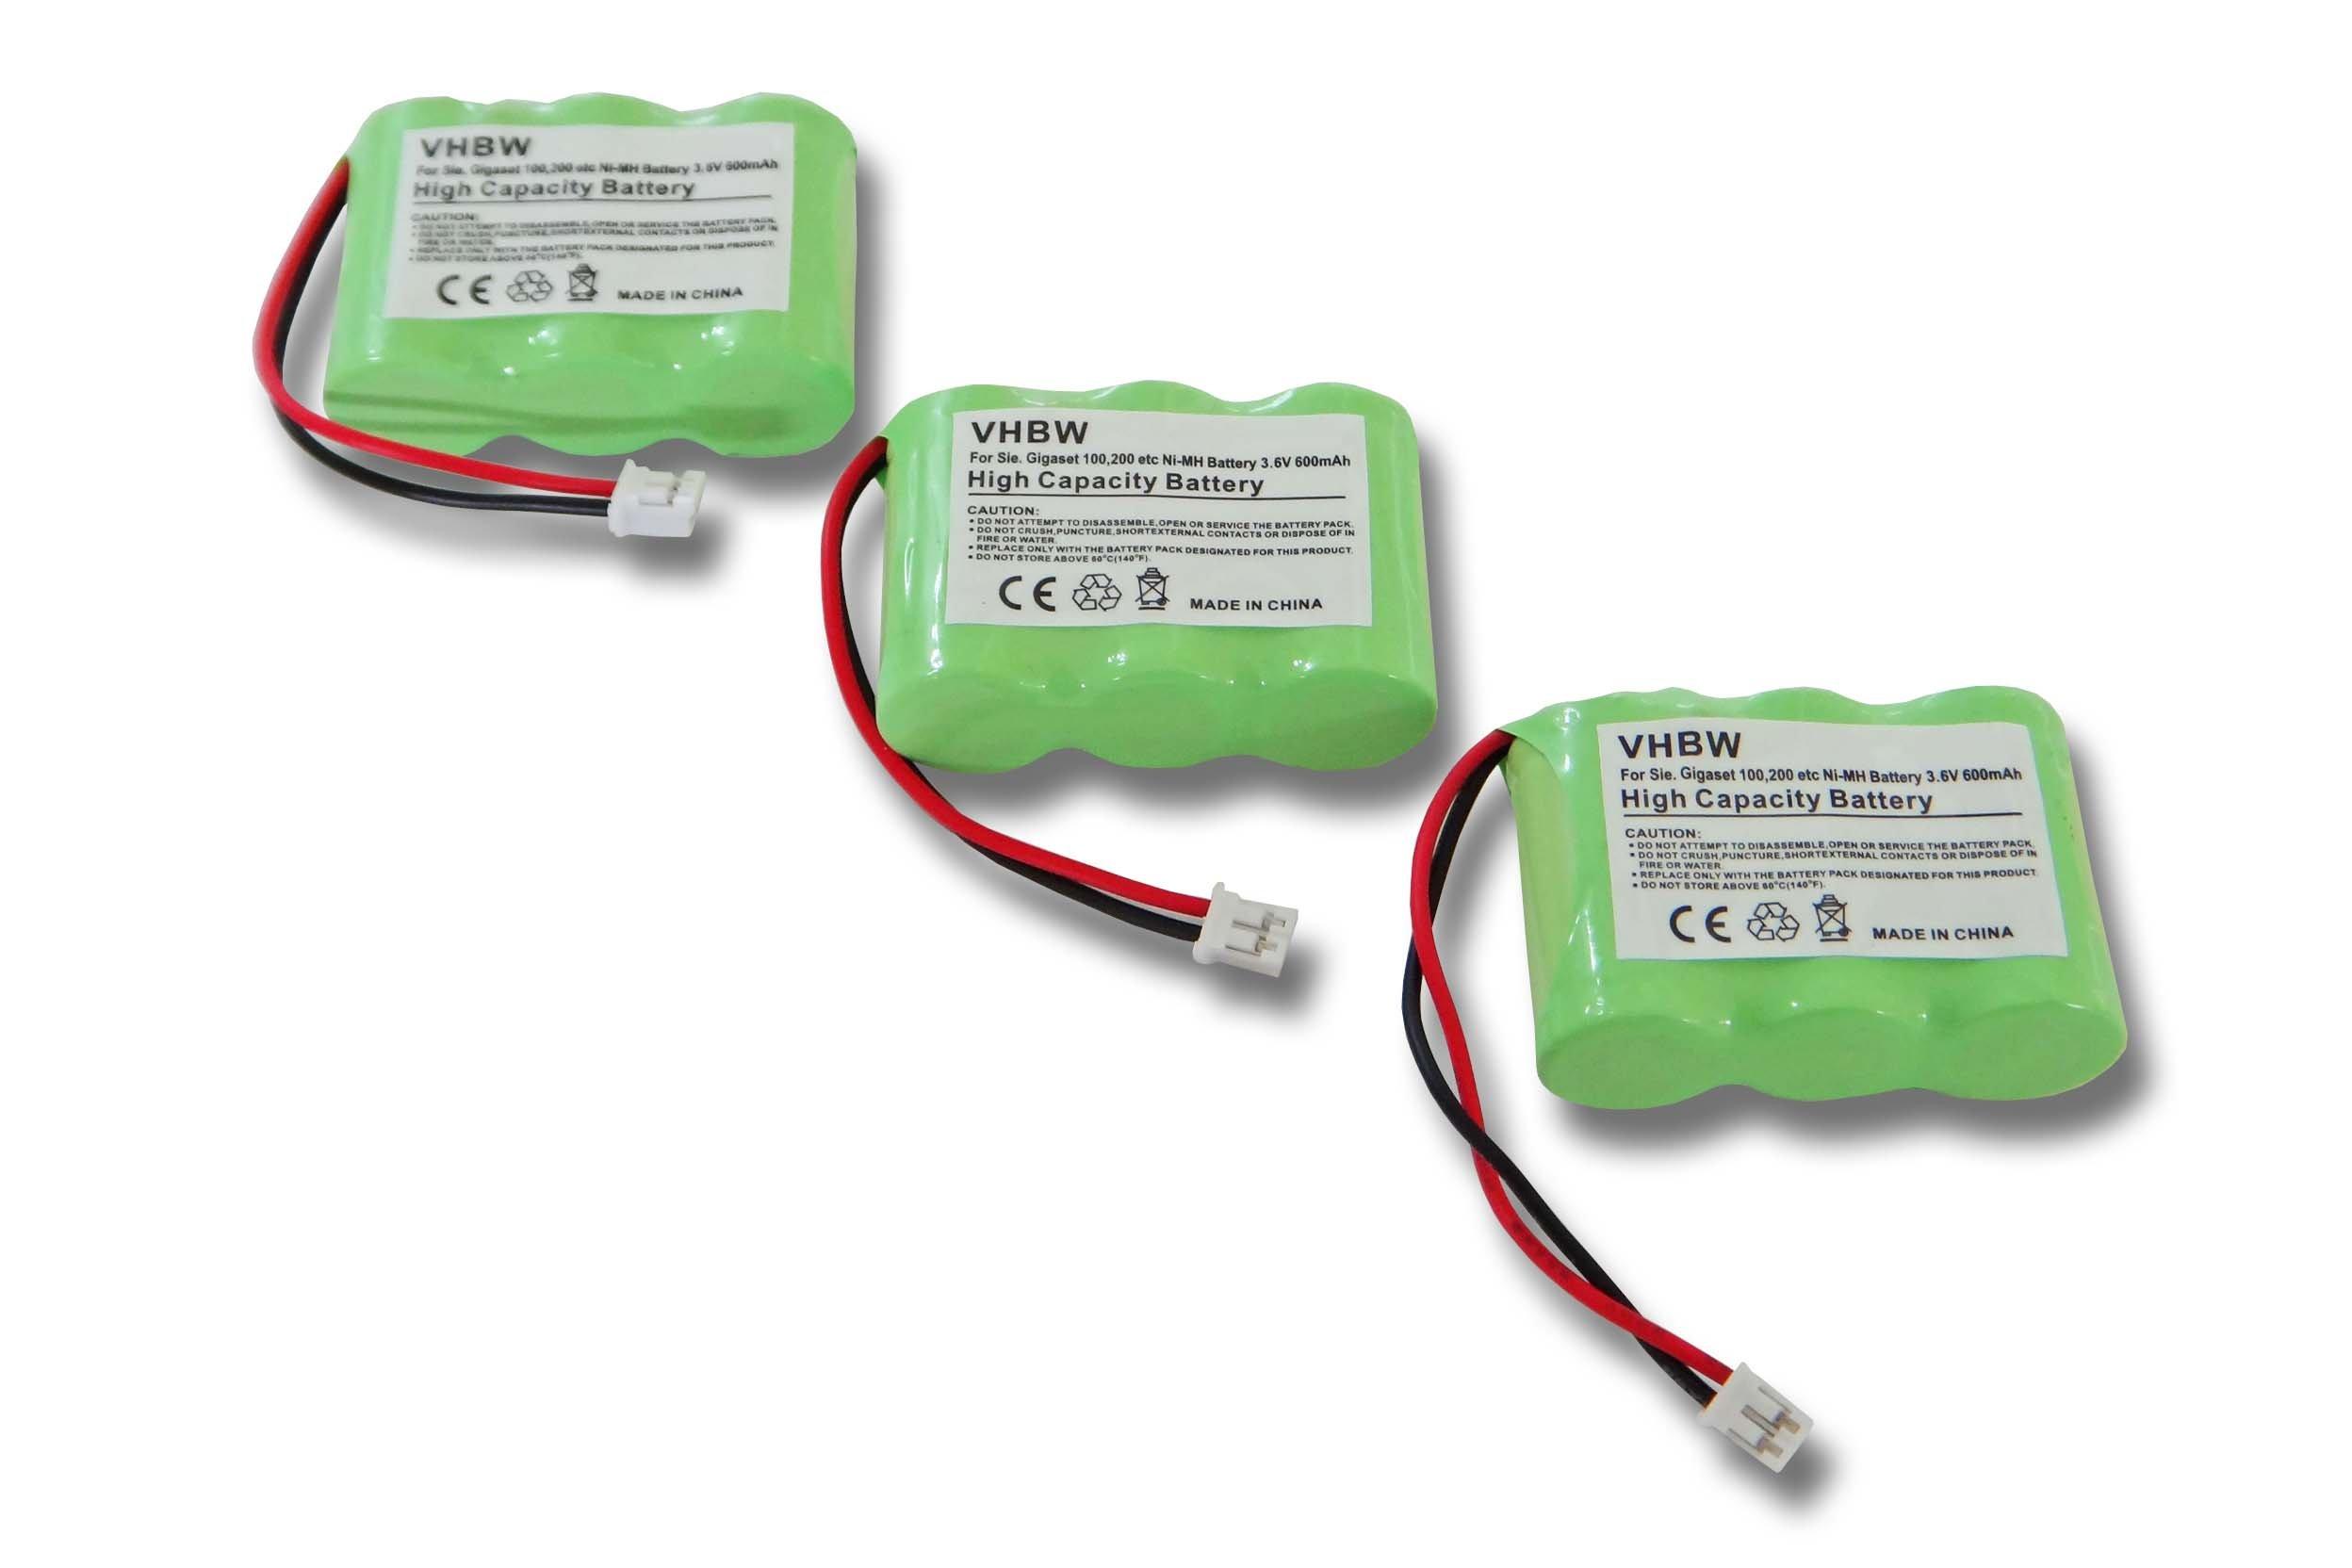 vhbw 3X batería 600mAh (3.6V) para teléfono Fijo inalámbrico teléfono Alcatel Eole 200, Eole 300, OneTouch Plus, Vocal por C39453-Z5-C193, HSC22, etc.: Amazon.es: Electrónica